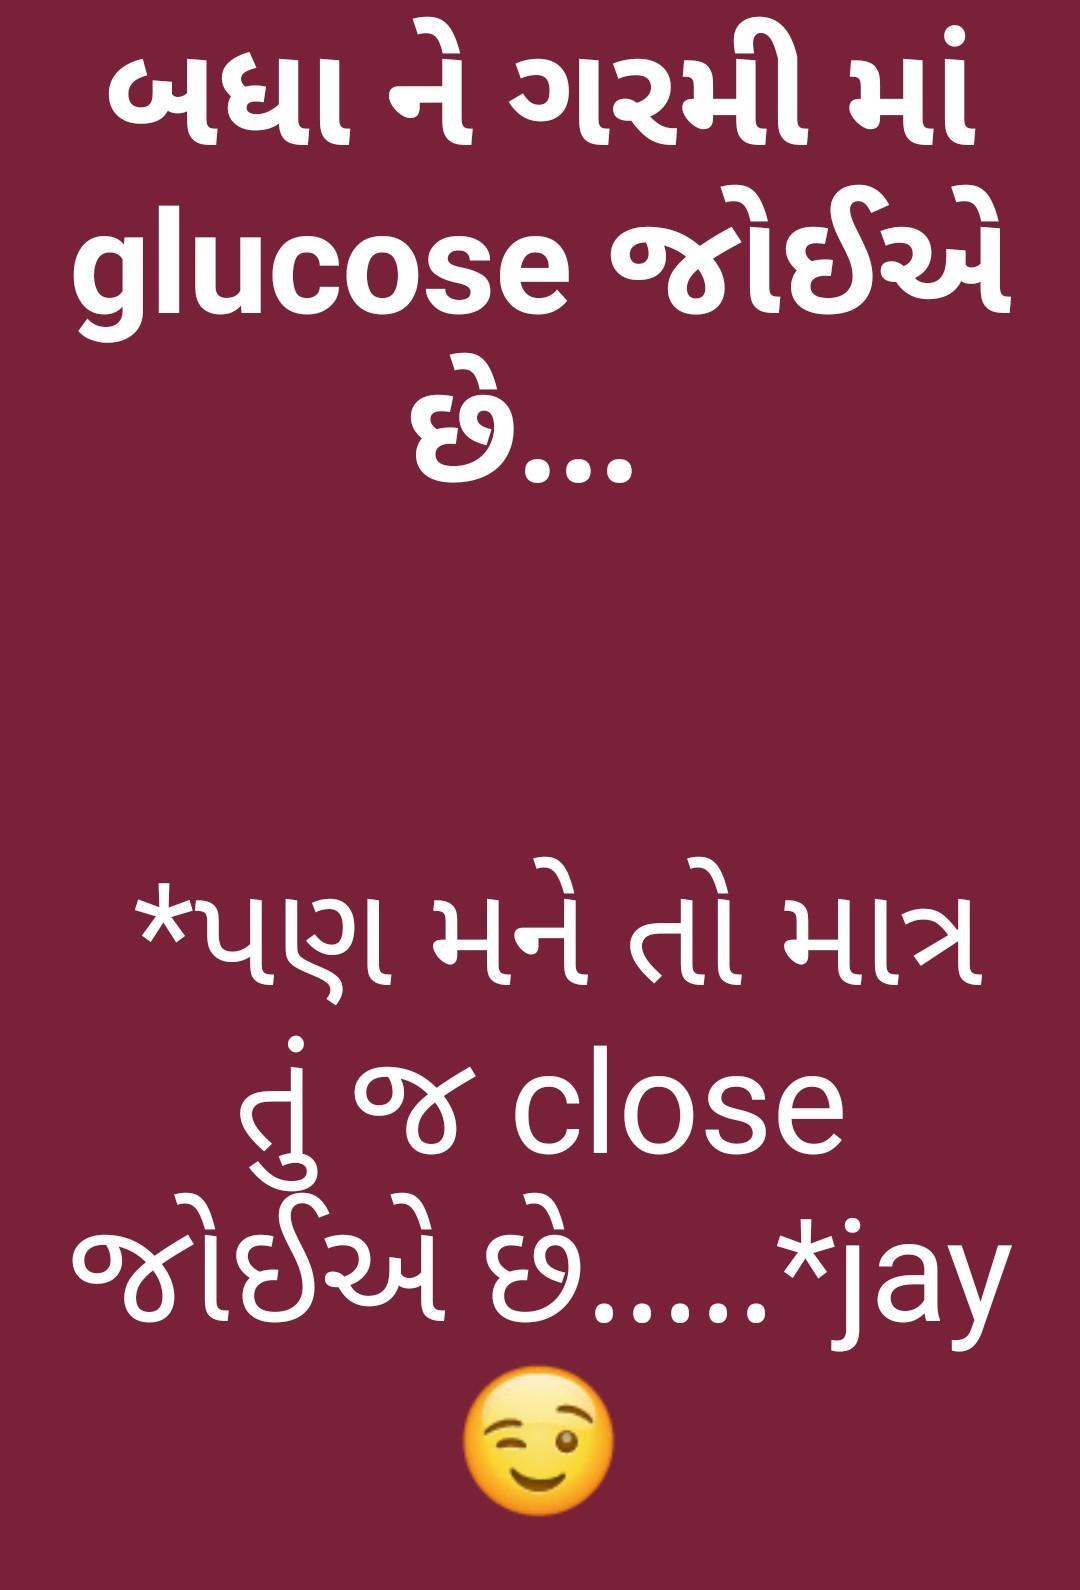 💘 પ્રેમ 💘 - બધા ને ગરમી માં glucose giszt છે . • * પણ મને તો માત્ર તું જ close જોઈએ છે . . . . . * jay - ShareChat